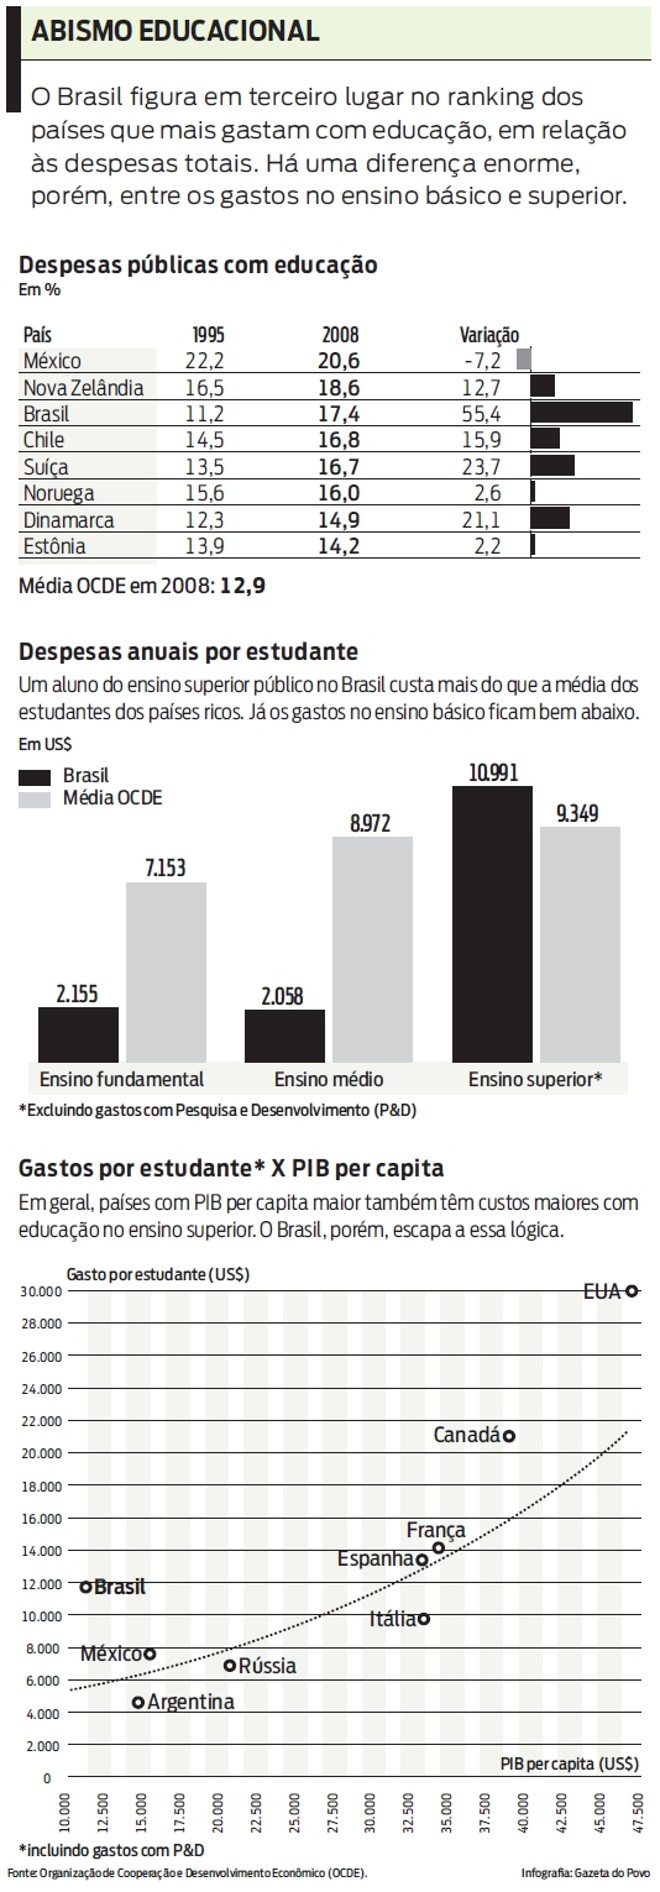 Veja os gastos públicos com educação |